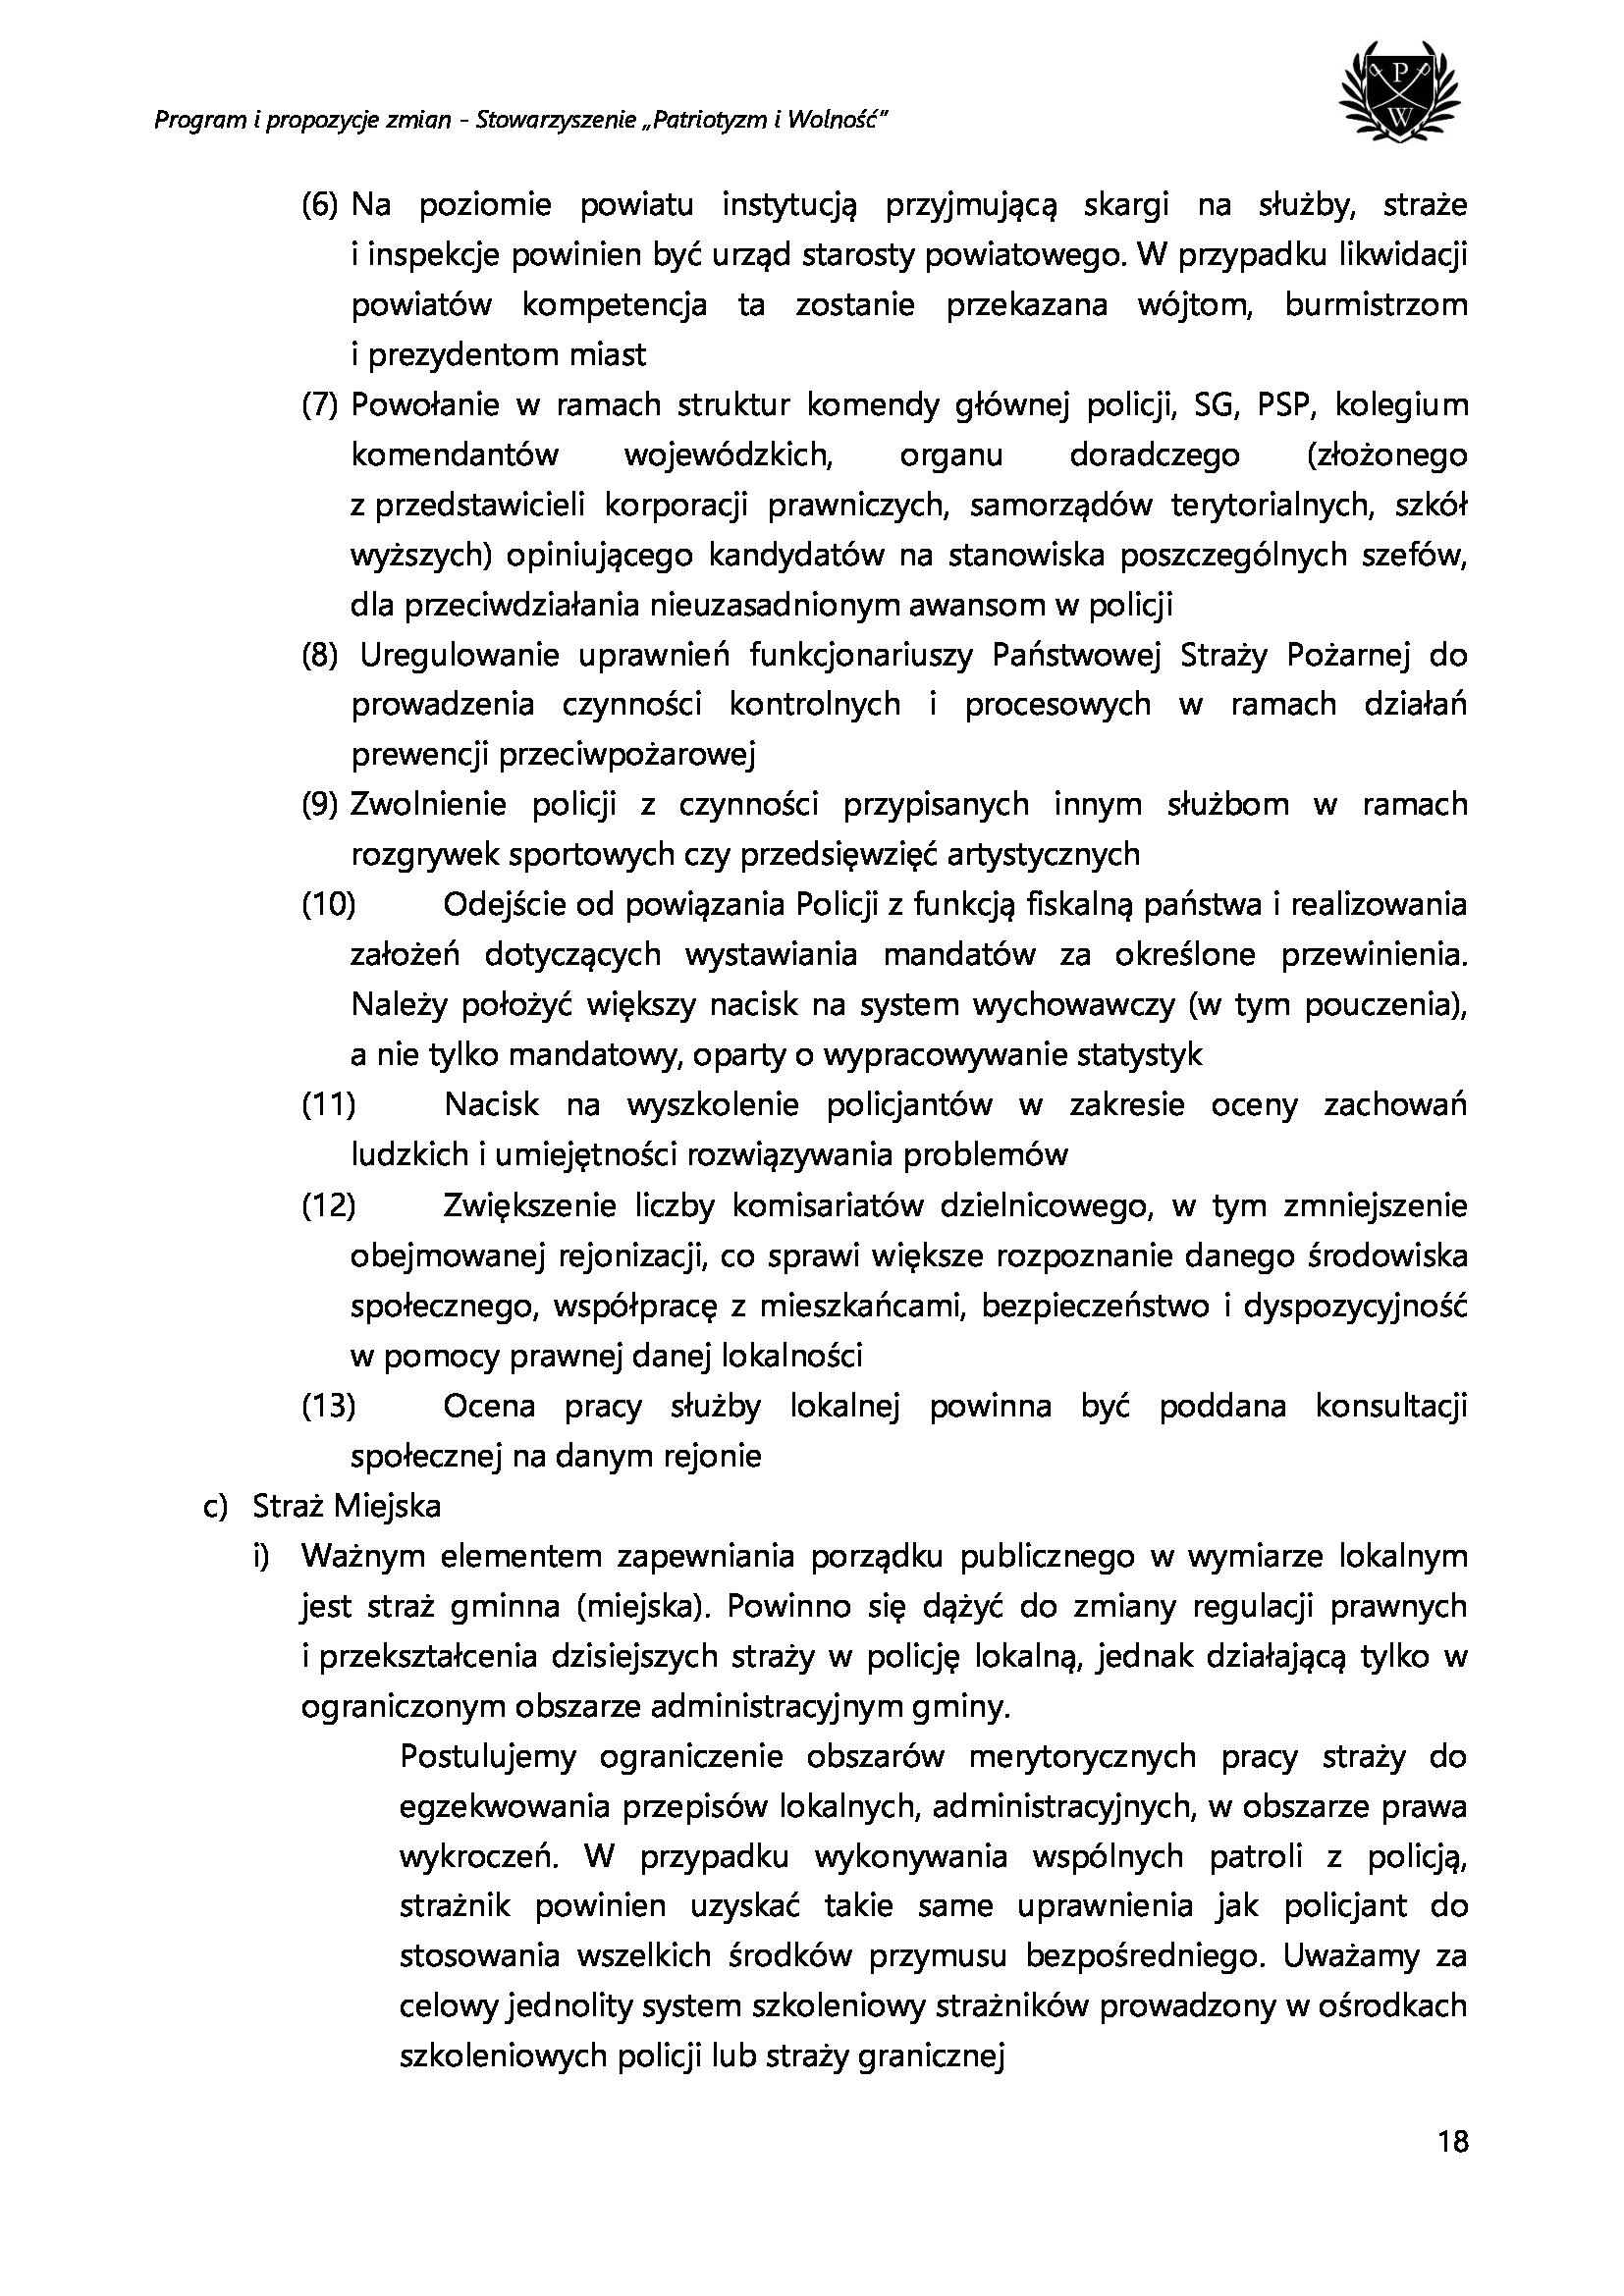 db9e272ef5a9a2e66d26f1905be6c507-18